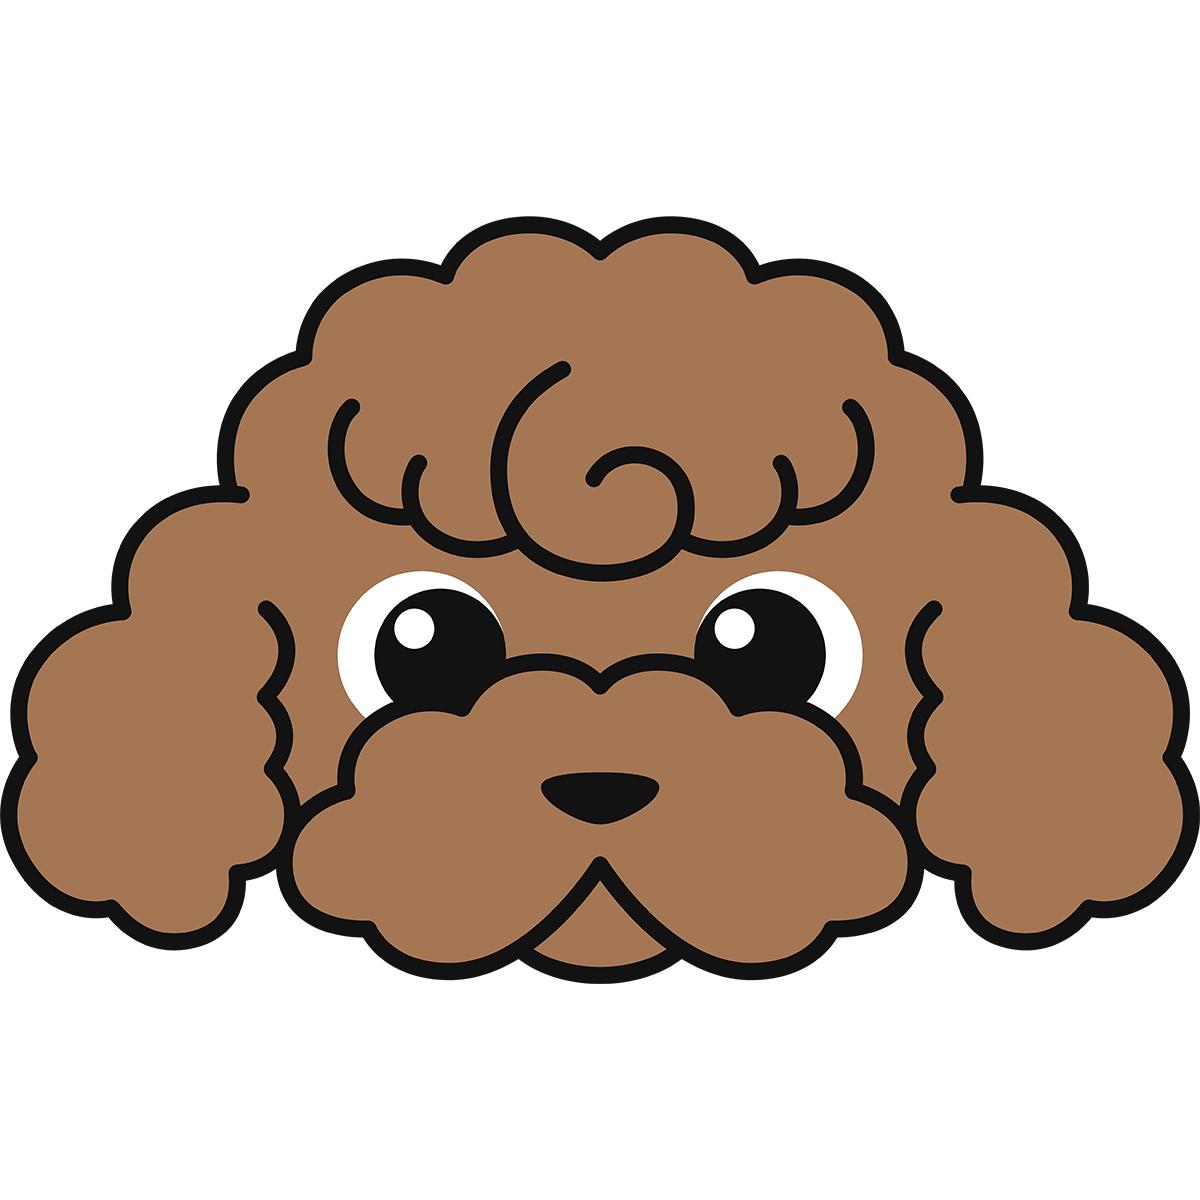 トイプードルの顔(茶色)の無料イラスト